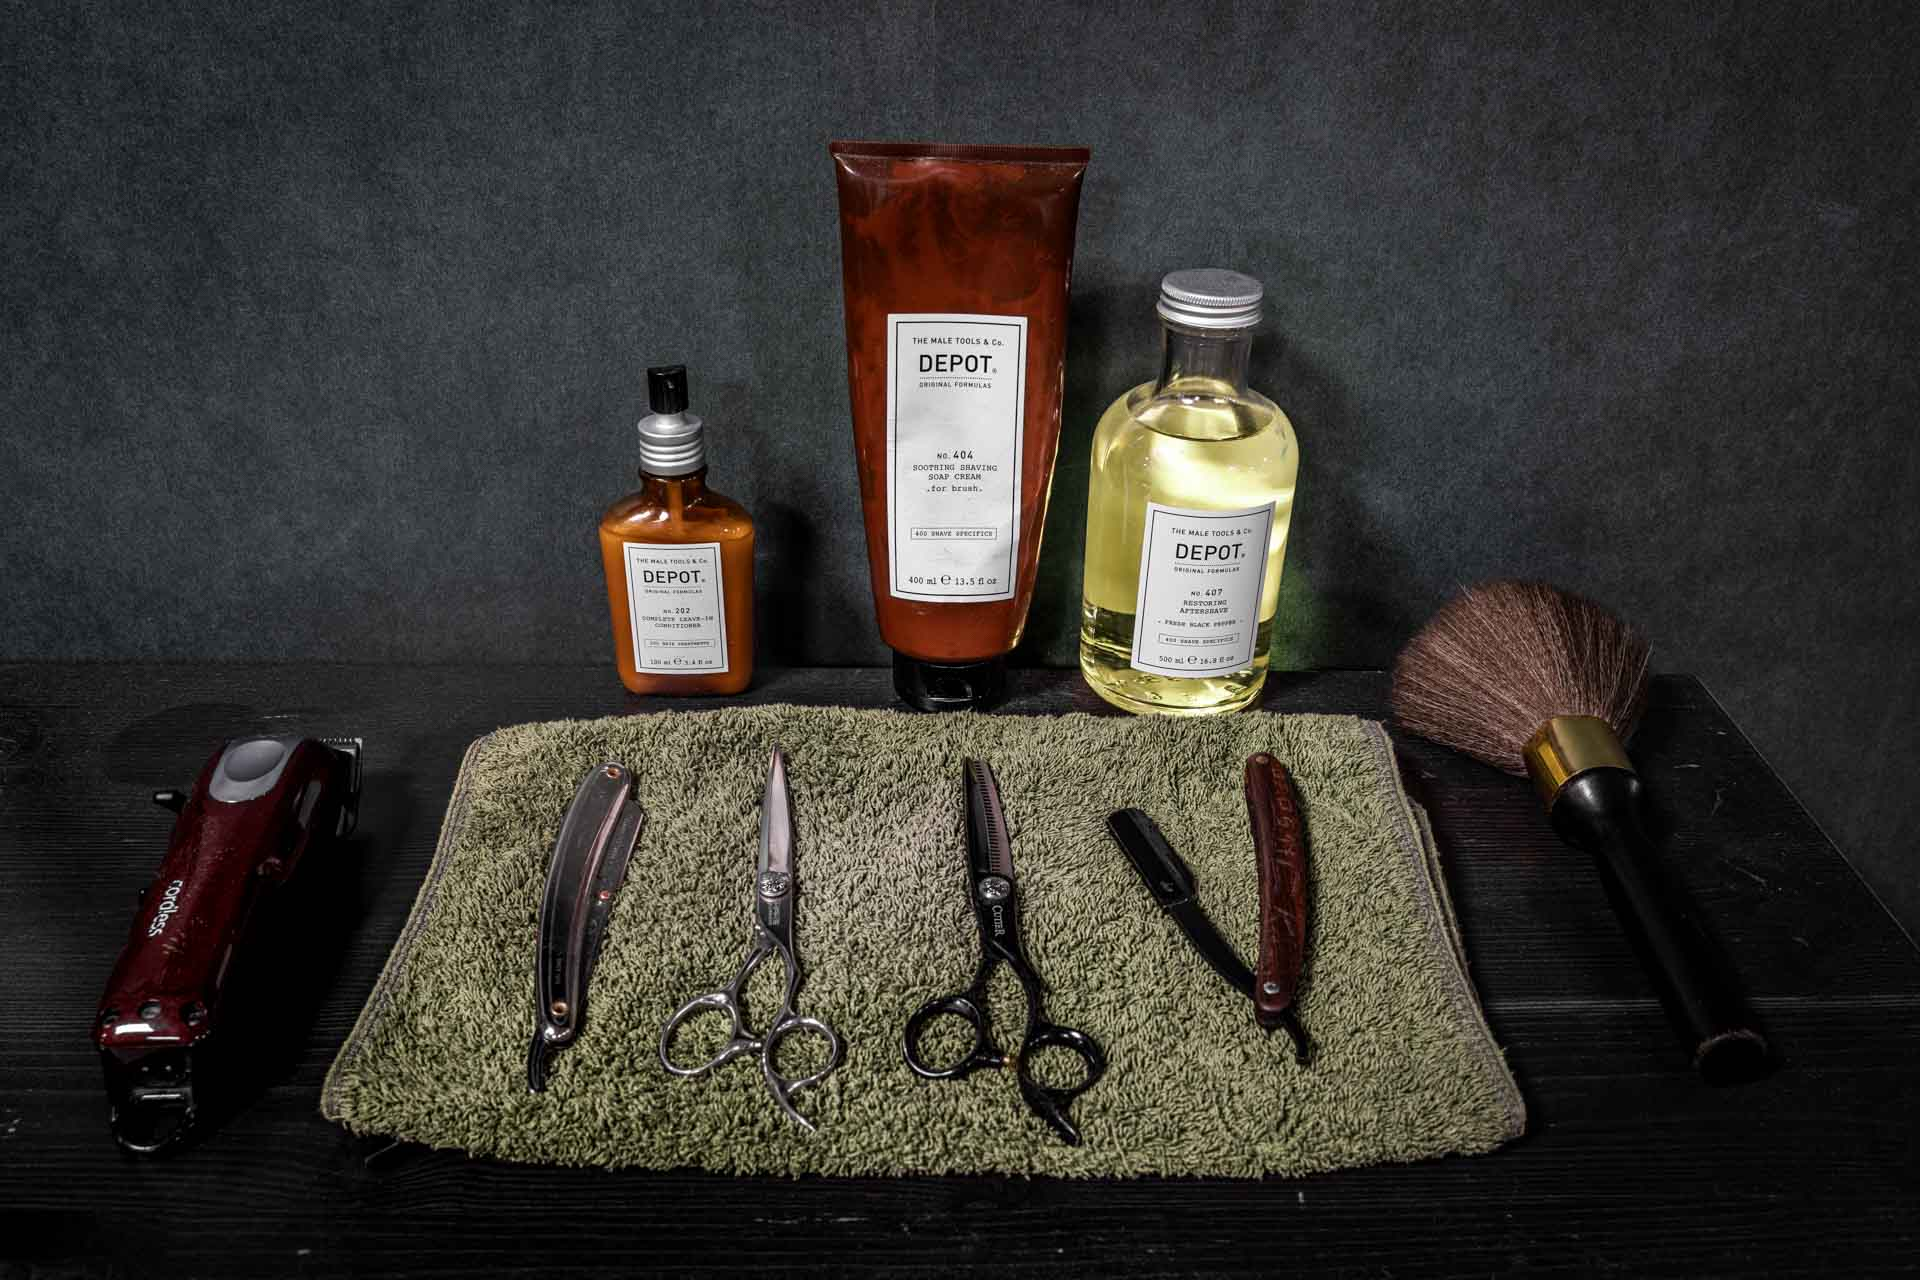 Friseurutensilien von Weltmann Barbershop in Ulm. Schere und Kamm liegen auf dem Handtuch vor Pflegeprodukten